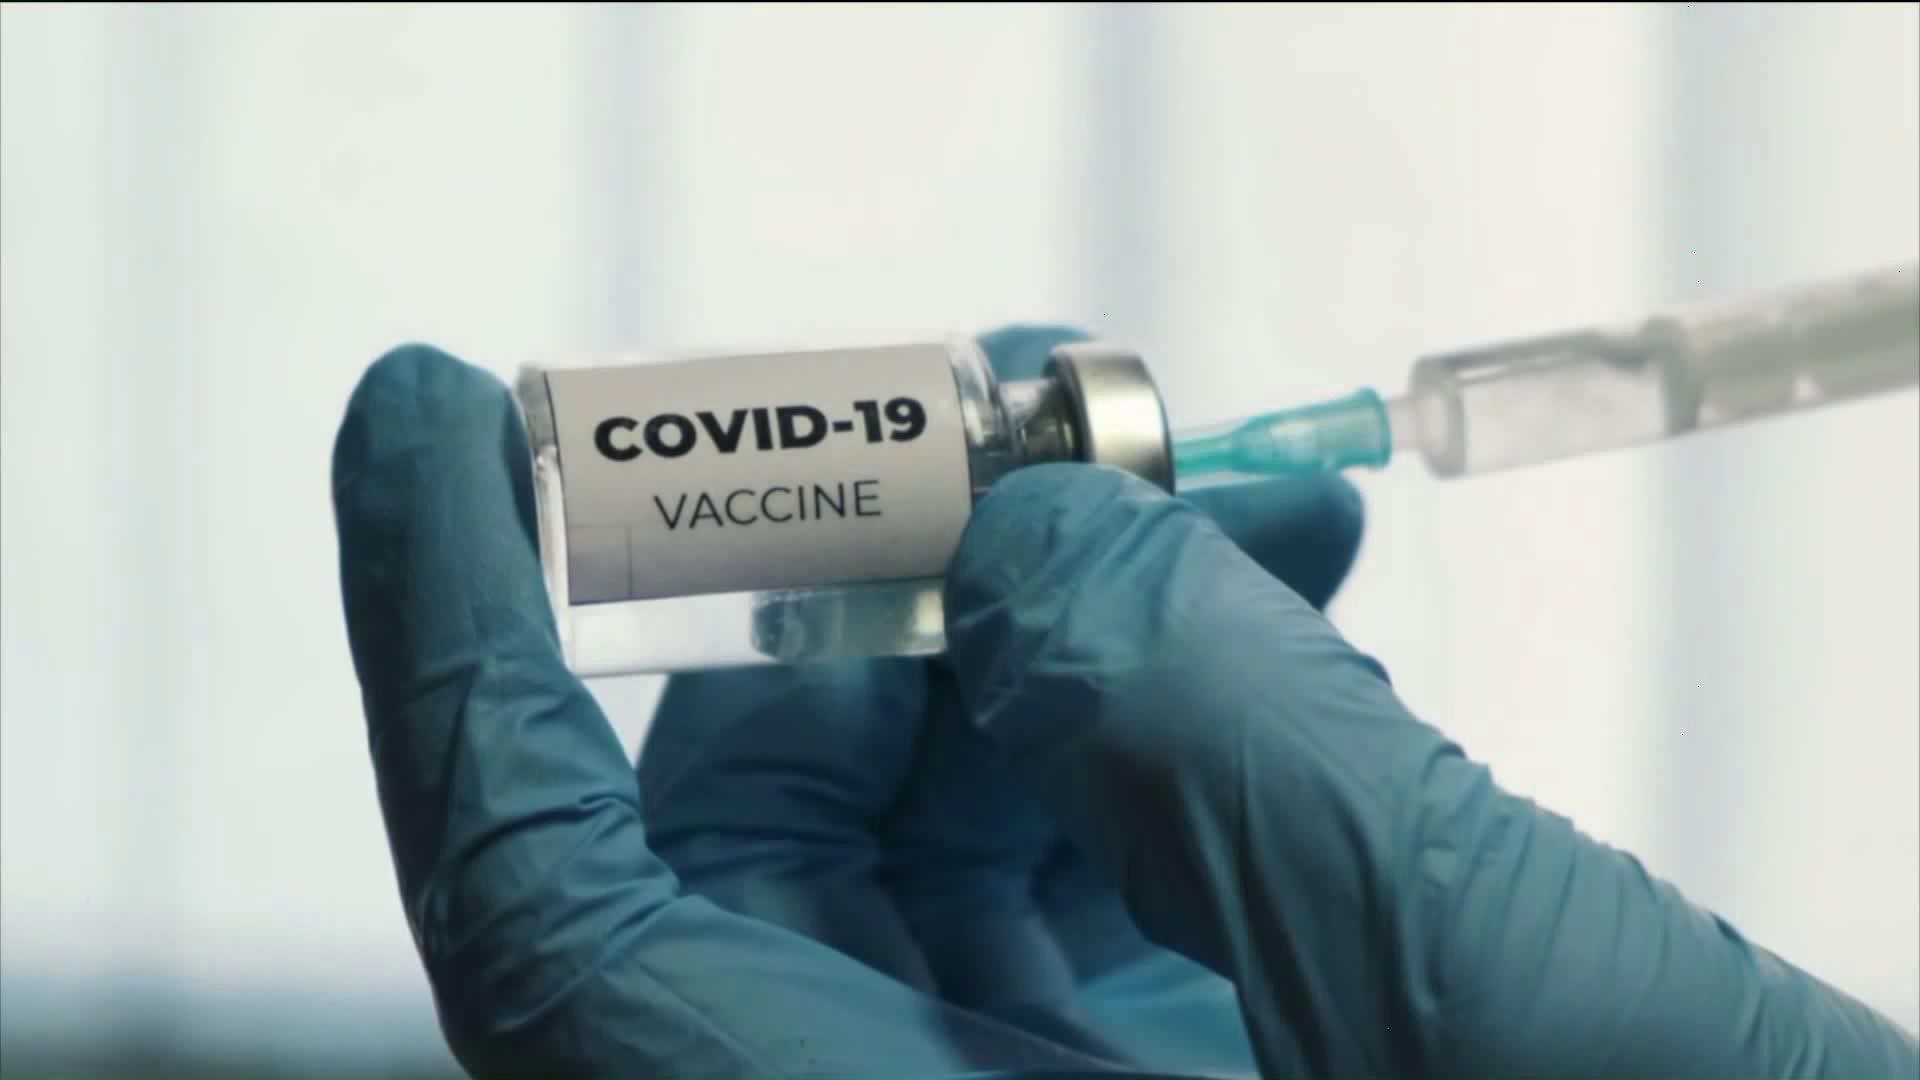 coronavirus vaccine filephoto